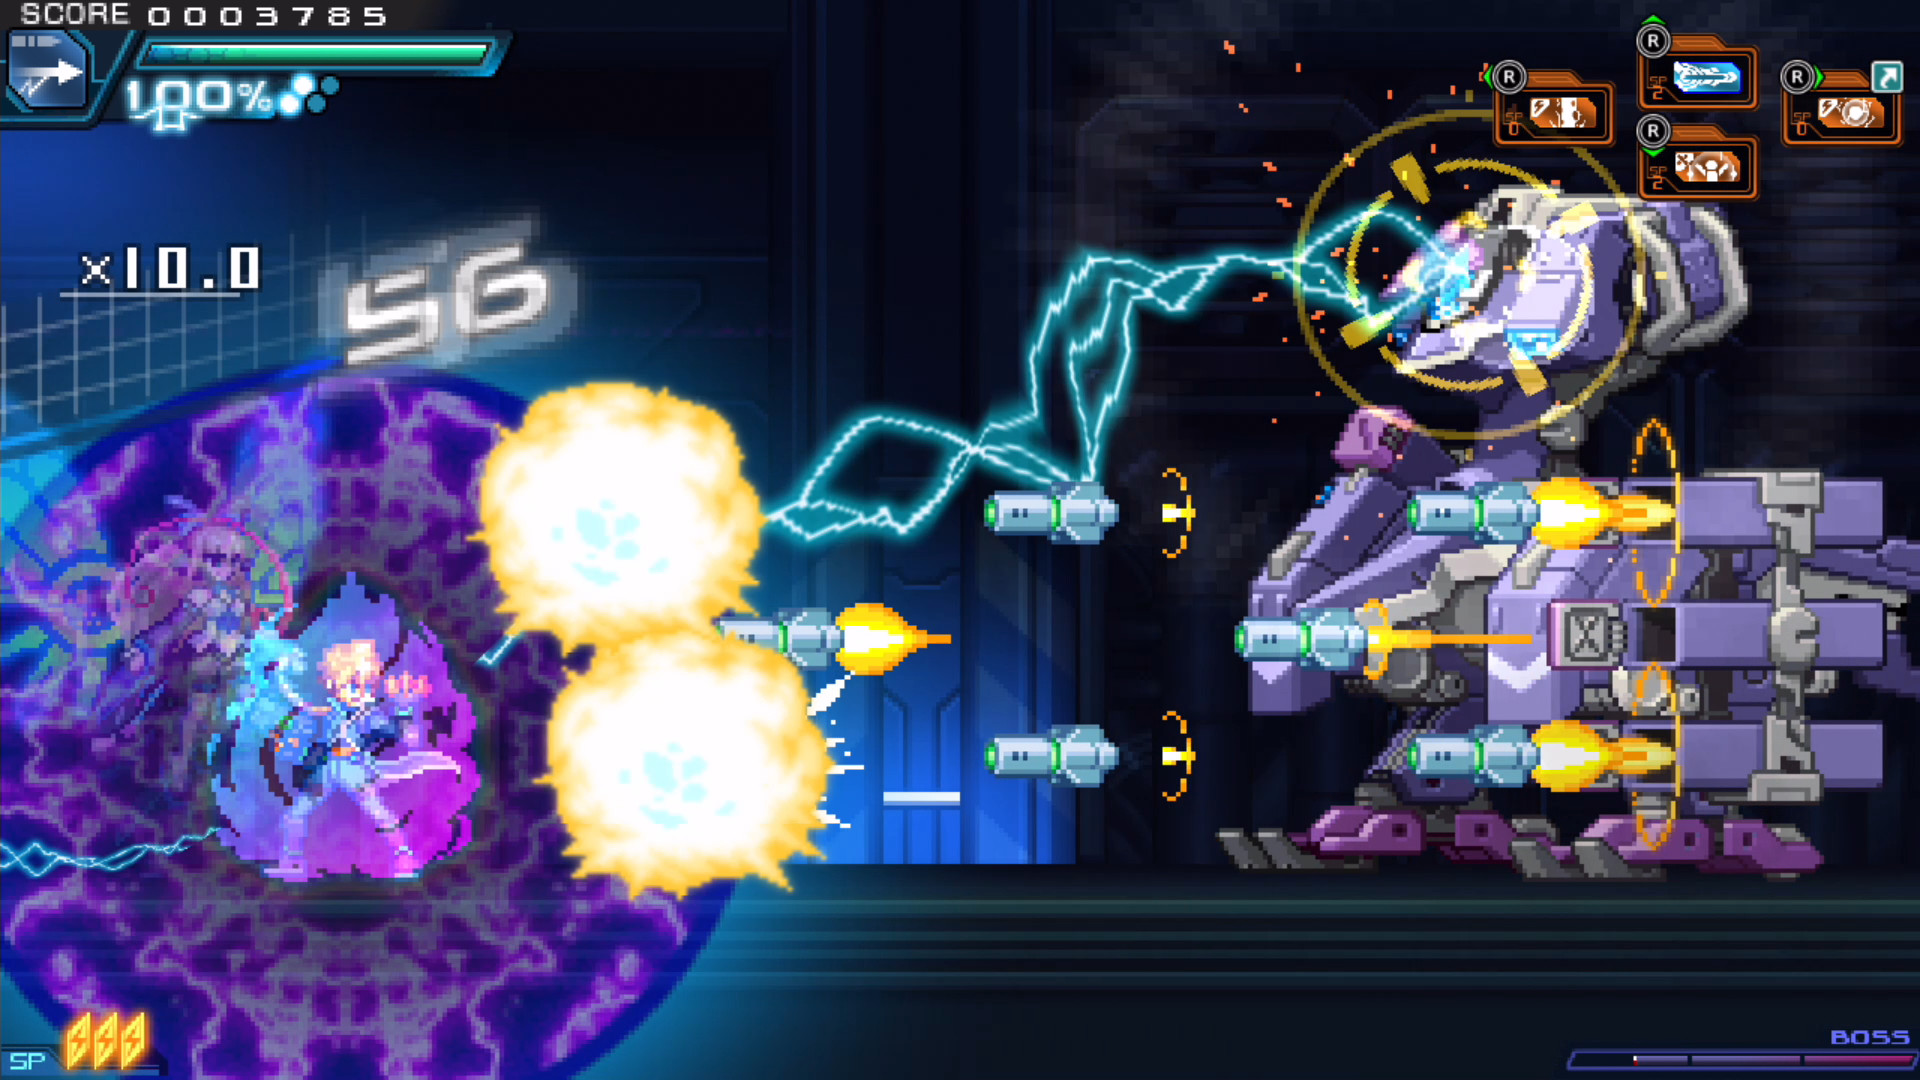 苍蓝雷霆:刚巴尔特2/苍穹雷霆2插图7